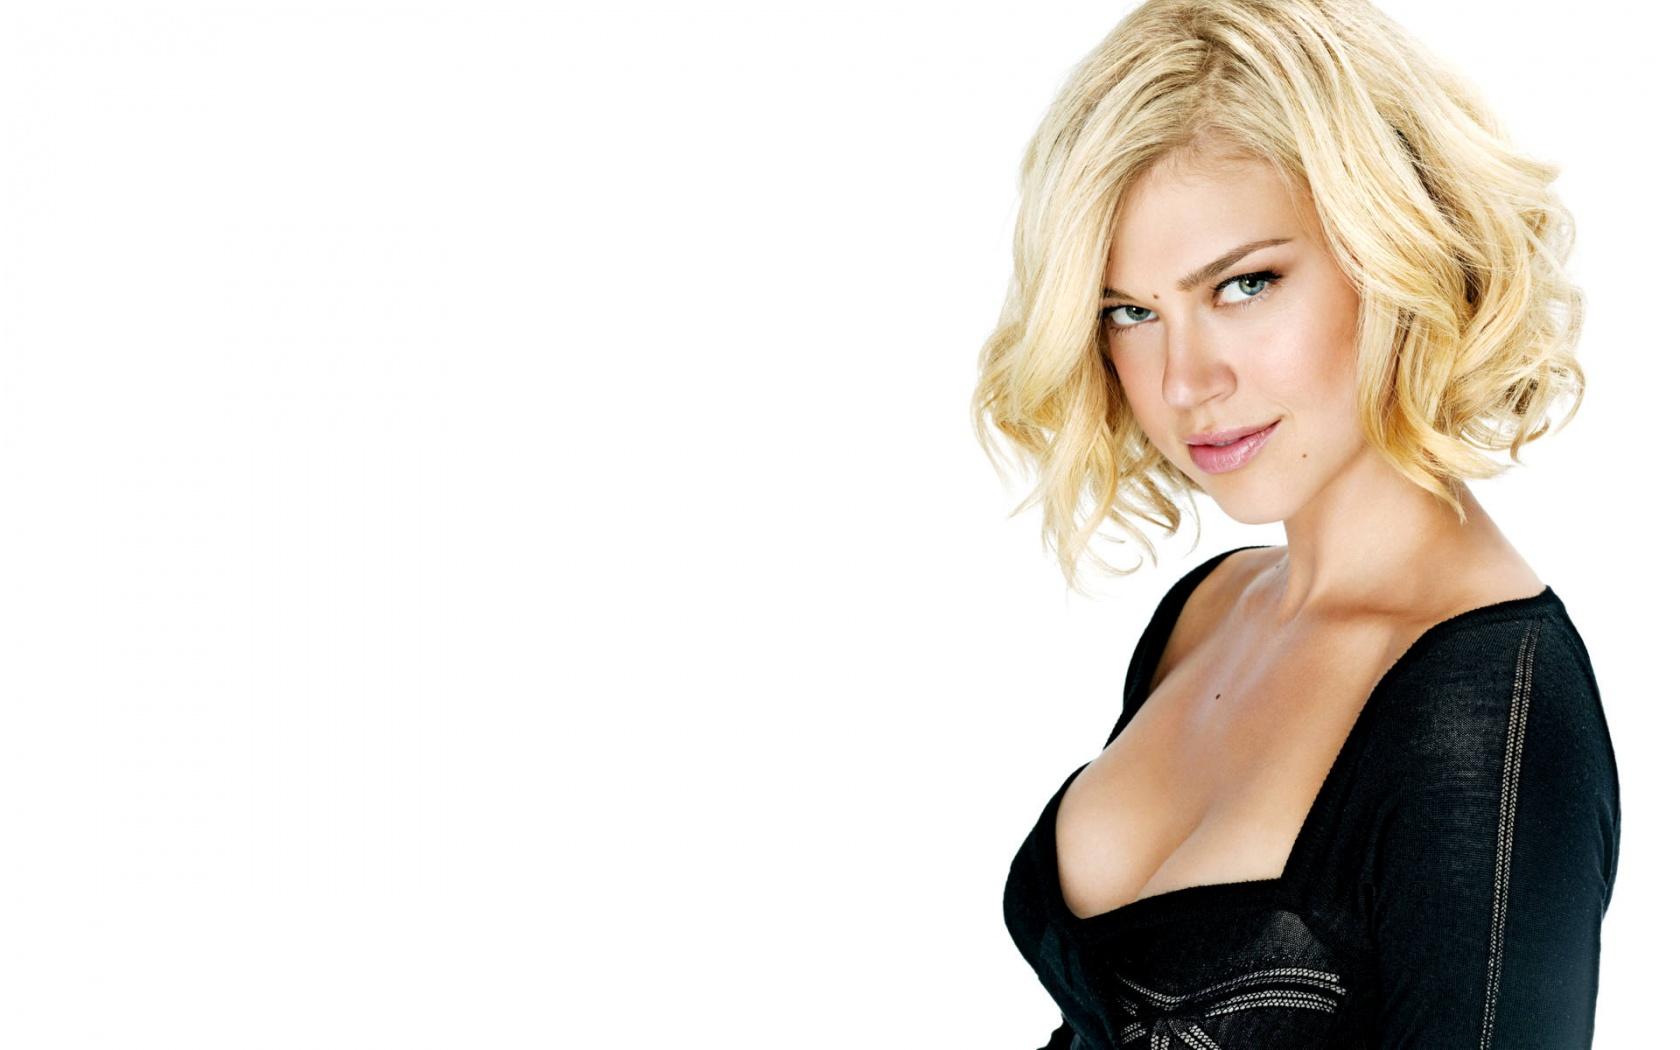 Stunning Adrianne Palicki